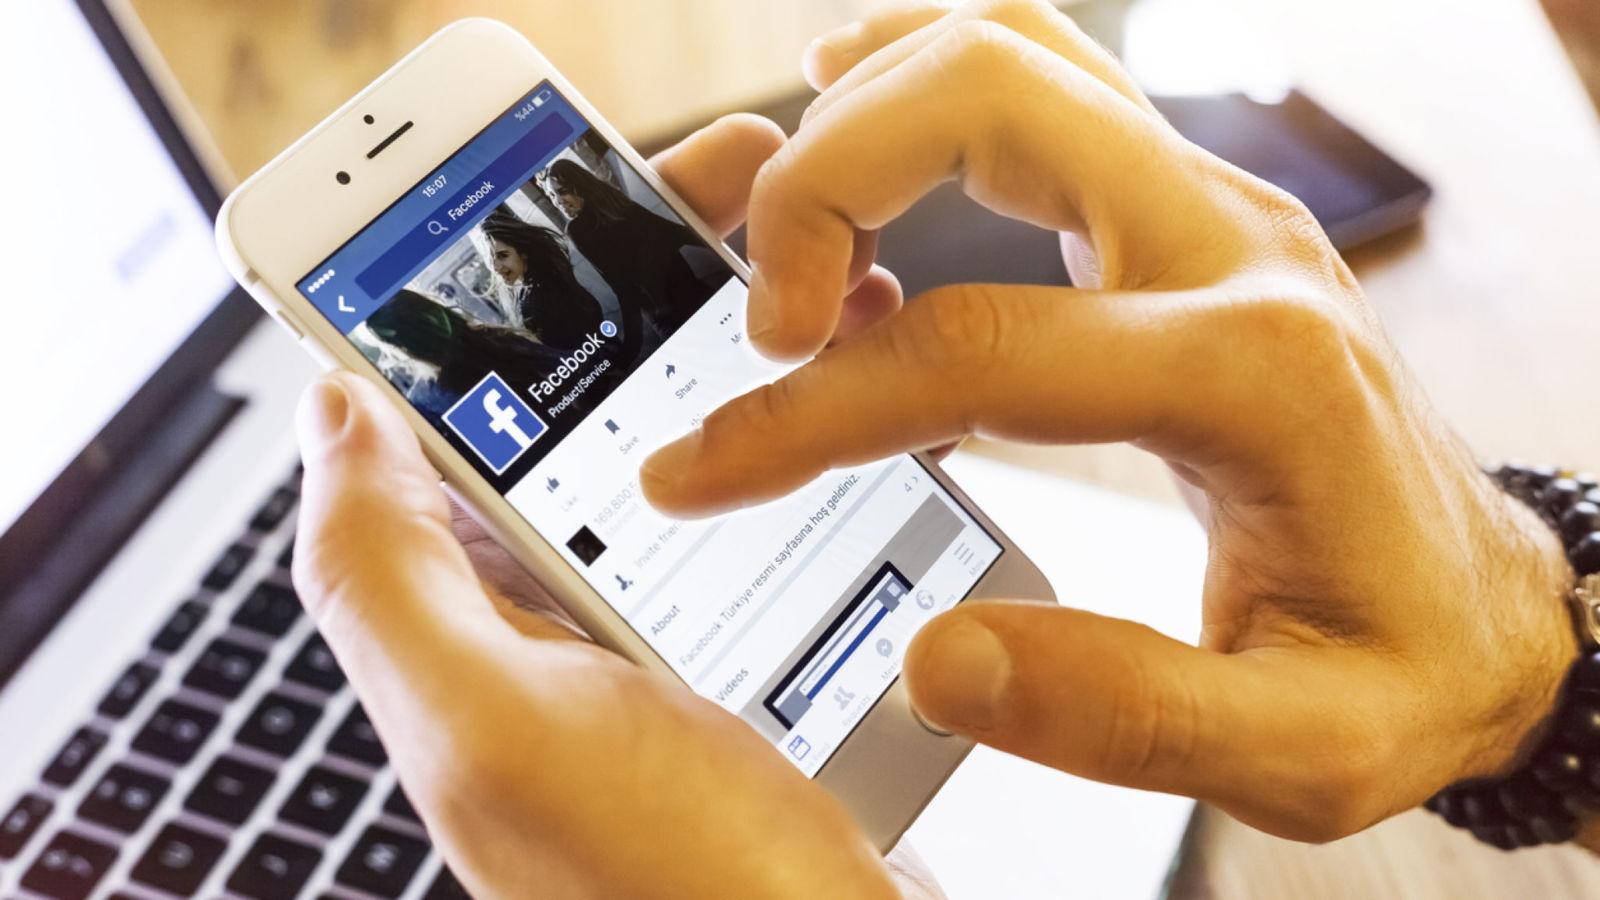 Facebook tung công cụ ngăn phát tán ảnh nóng để trả thù